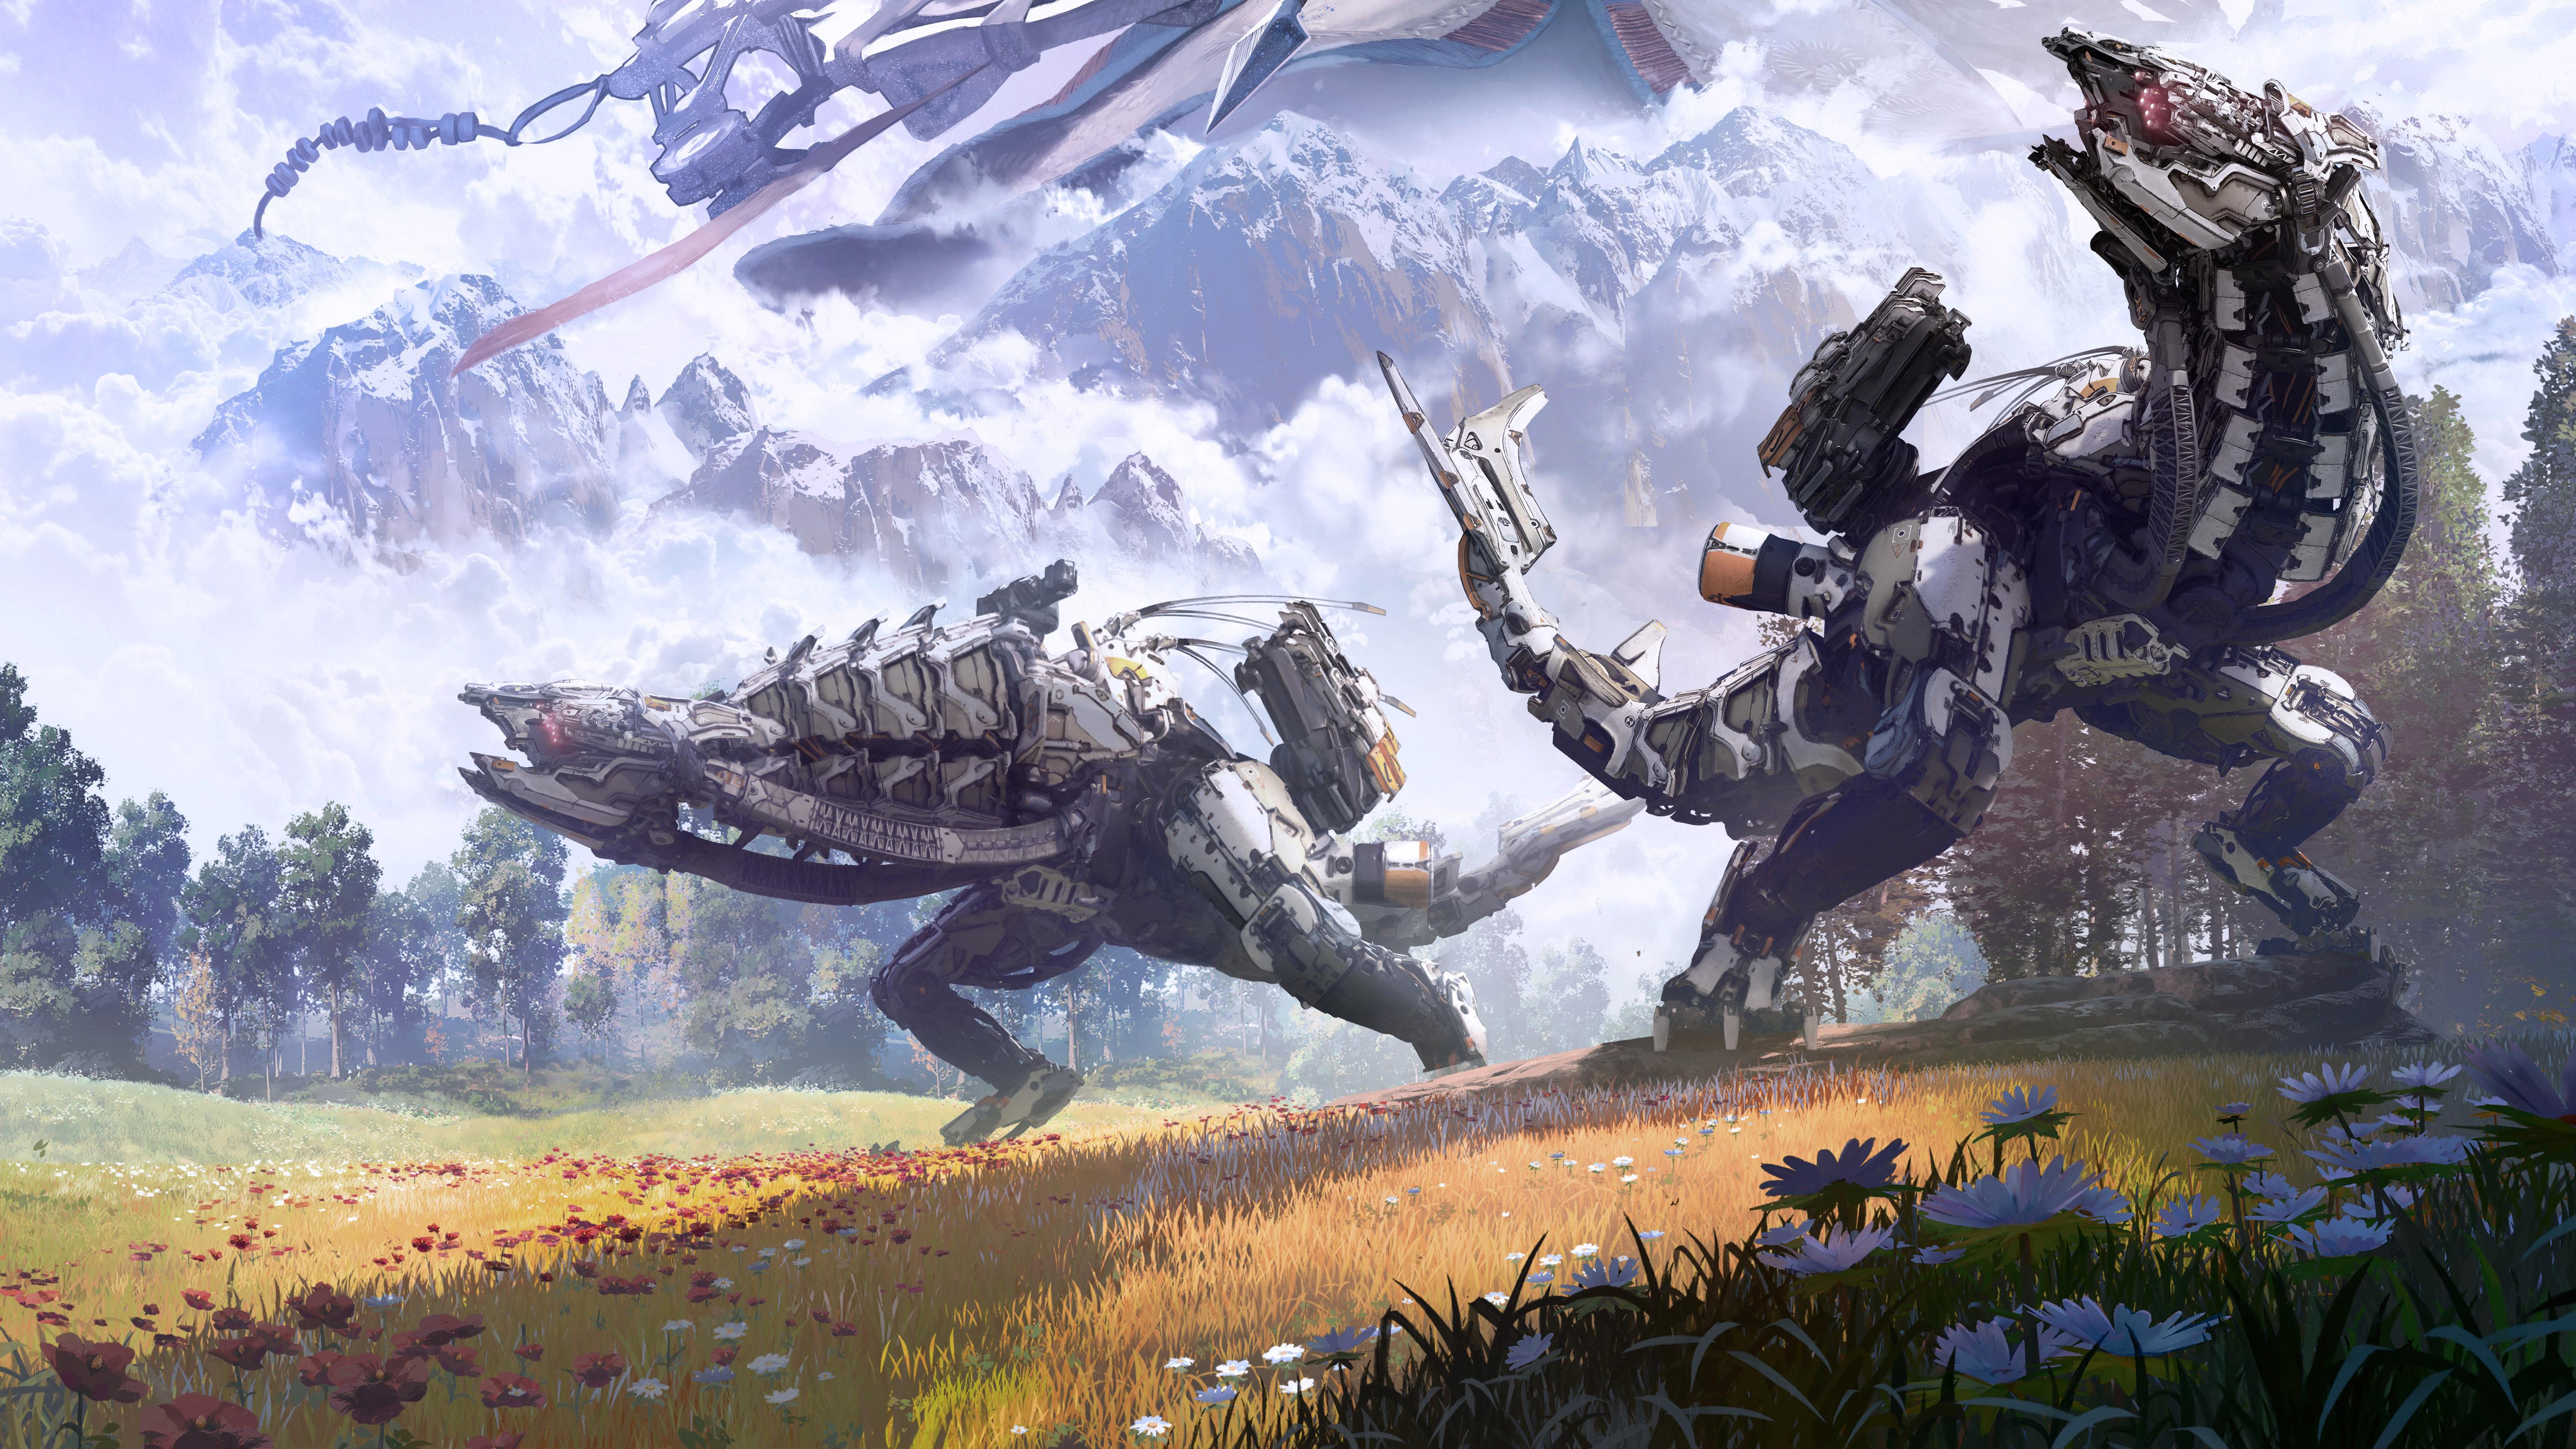 2017 Horizon Zero Dawn Complete Edition, HD Games, 4k